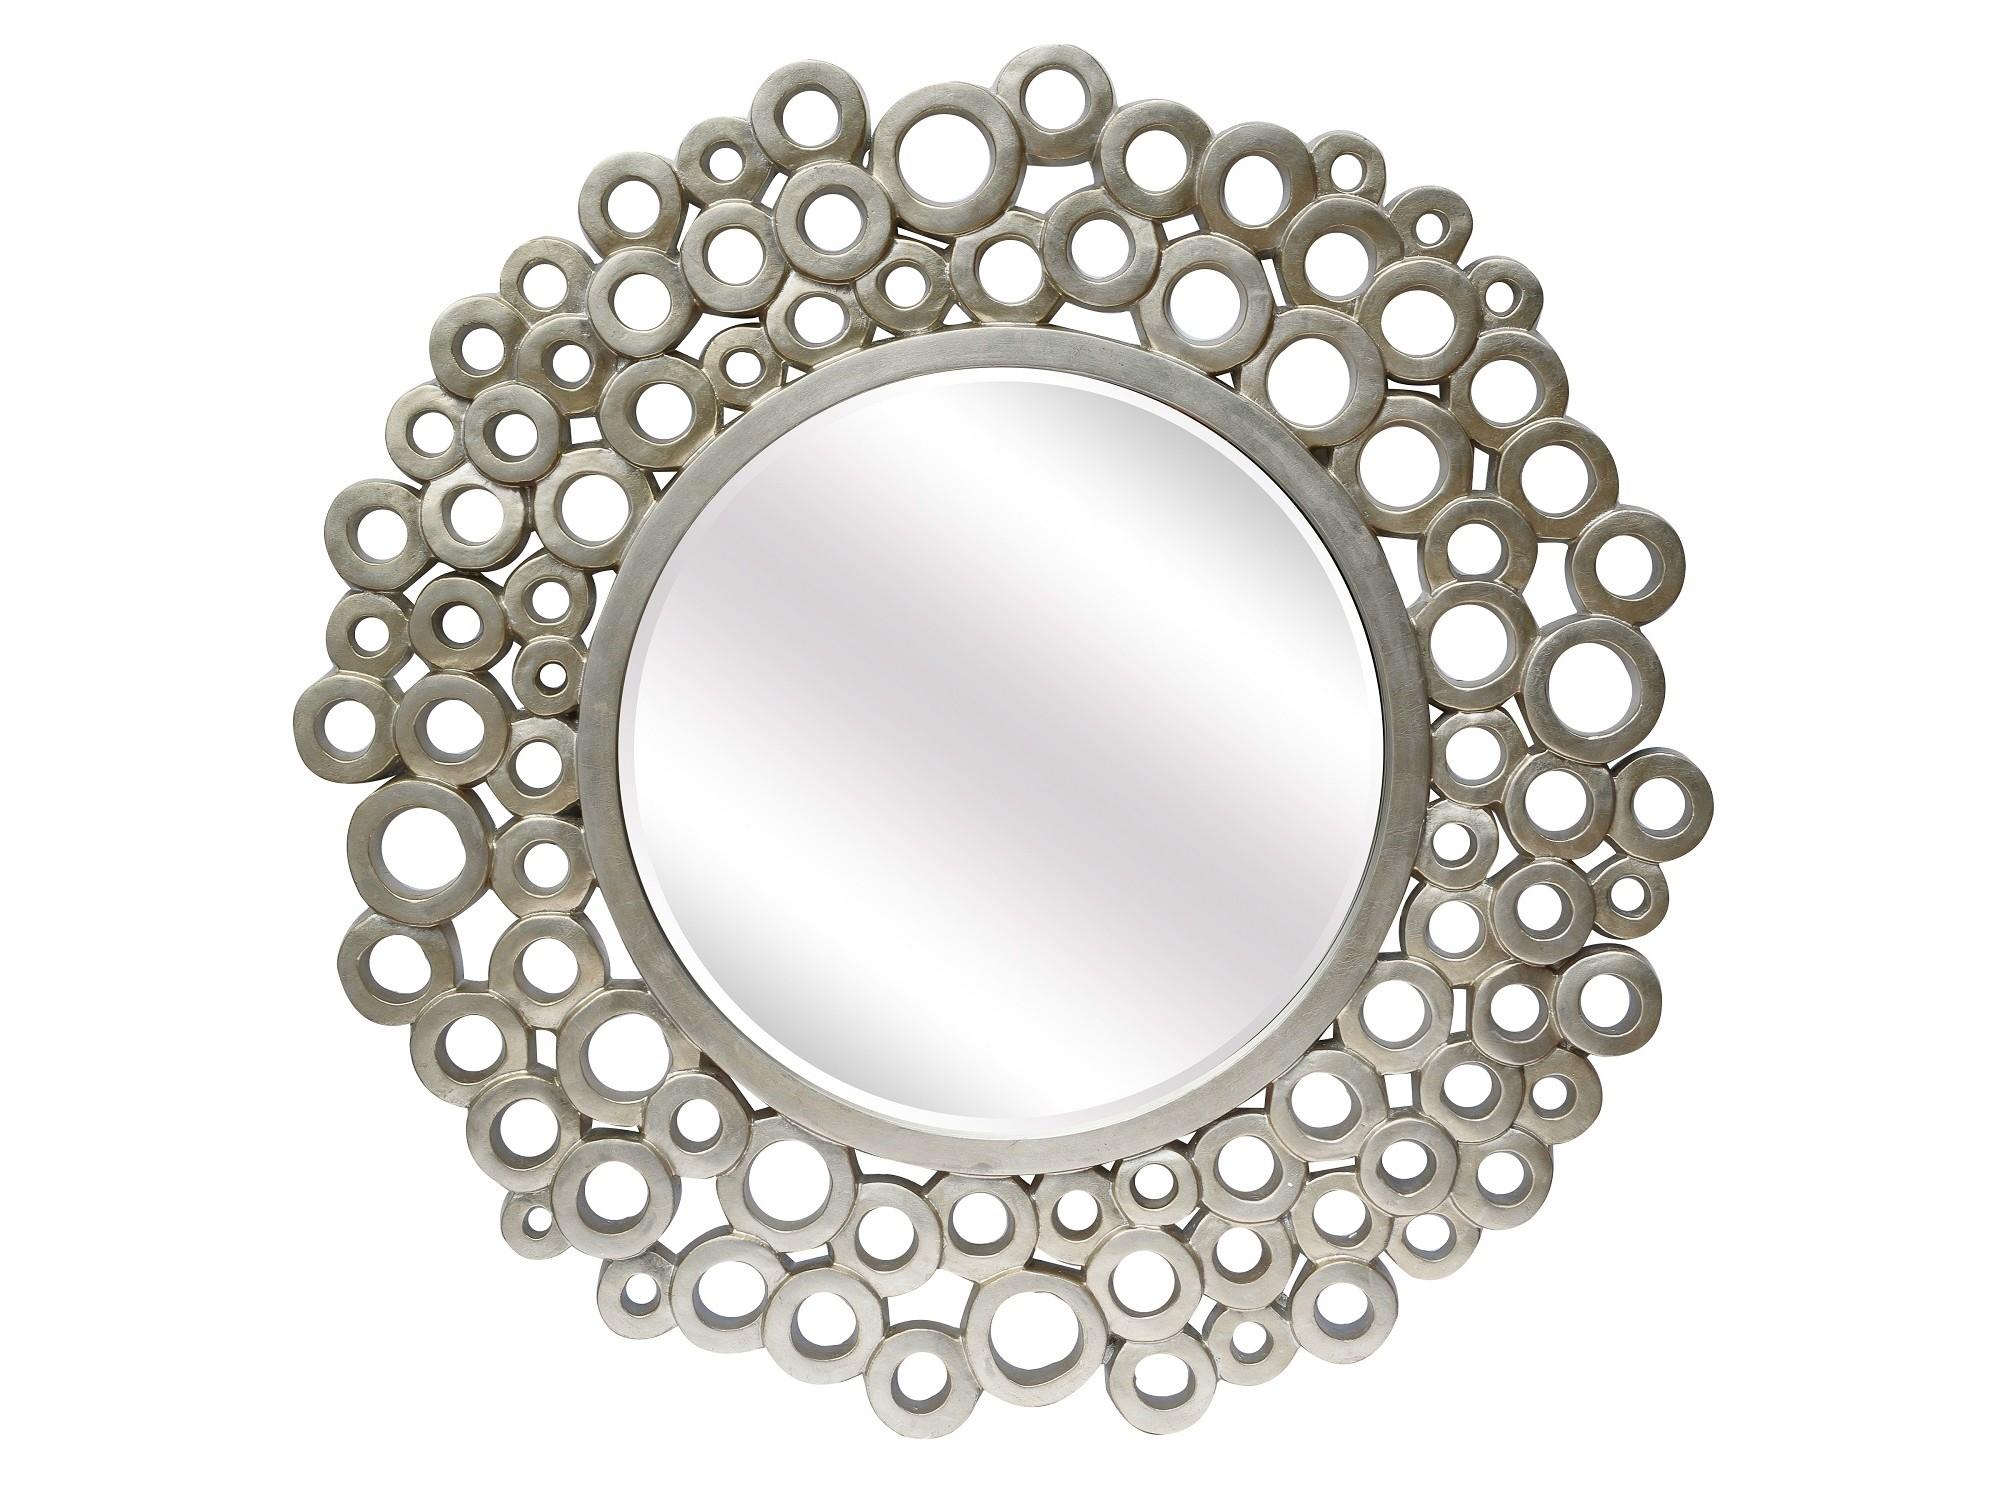 """Зеркало BubblesНастенные зеркала<br>Крупное круглое зеркало (более метра в диаметре) в оригинальной задорной раме """"в пузырях"""" подойдет для оформления смелого современного интерьера. Зеркало можно повесить в гостиной, спальне, прихожей в ярком молодежном интерьере.<br><br>Цвет: Серебро<br>Материал: Полиуретан<br><br>Material: Стекло<br>Length см: None<br>Width см: None<br>Depth см: None<br>Height см: None<br>Diameter см: 102.0"""